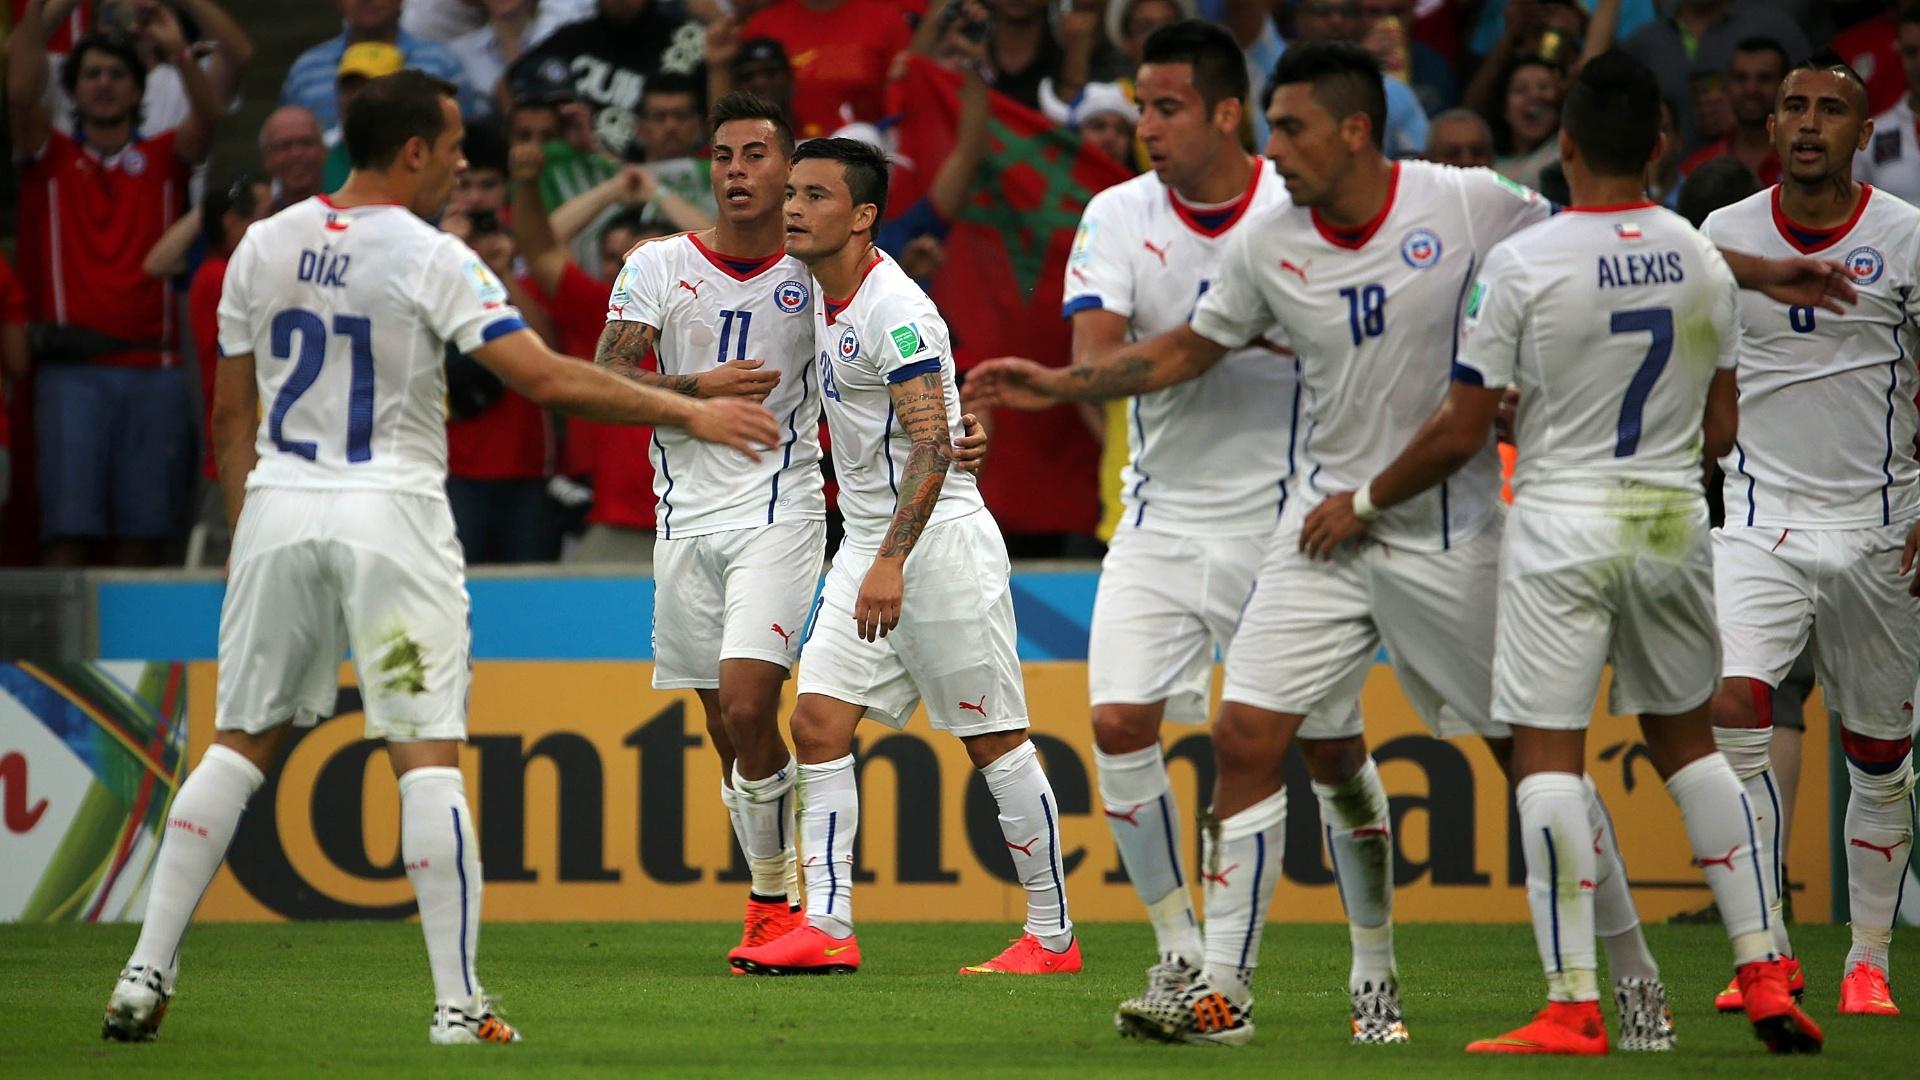 Chilenos comemoram o primeiro gol contra a Espanha, pela segunda rodada da Copa do Mundo